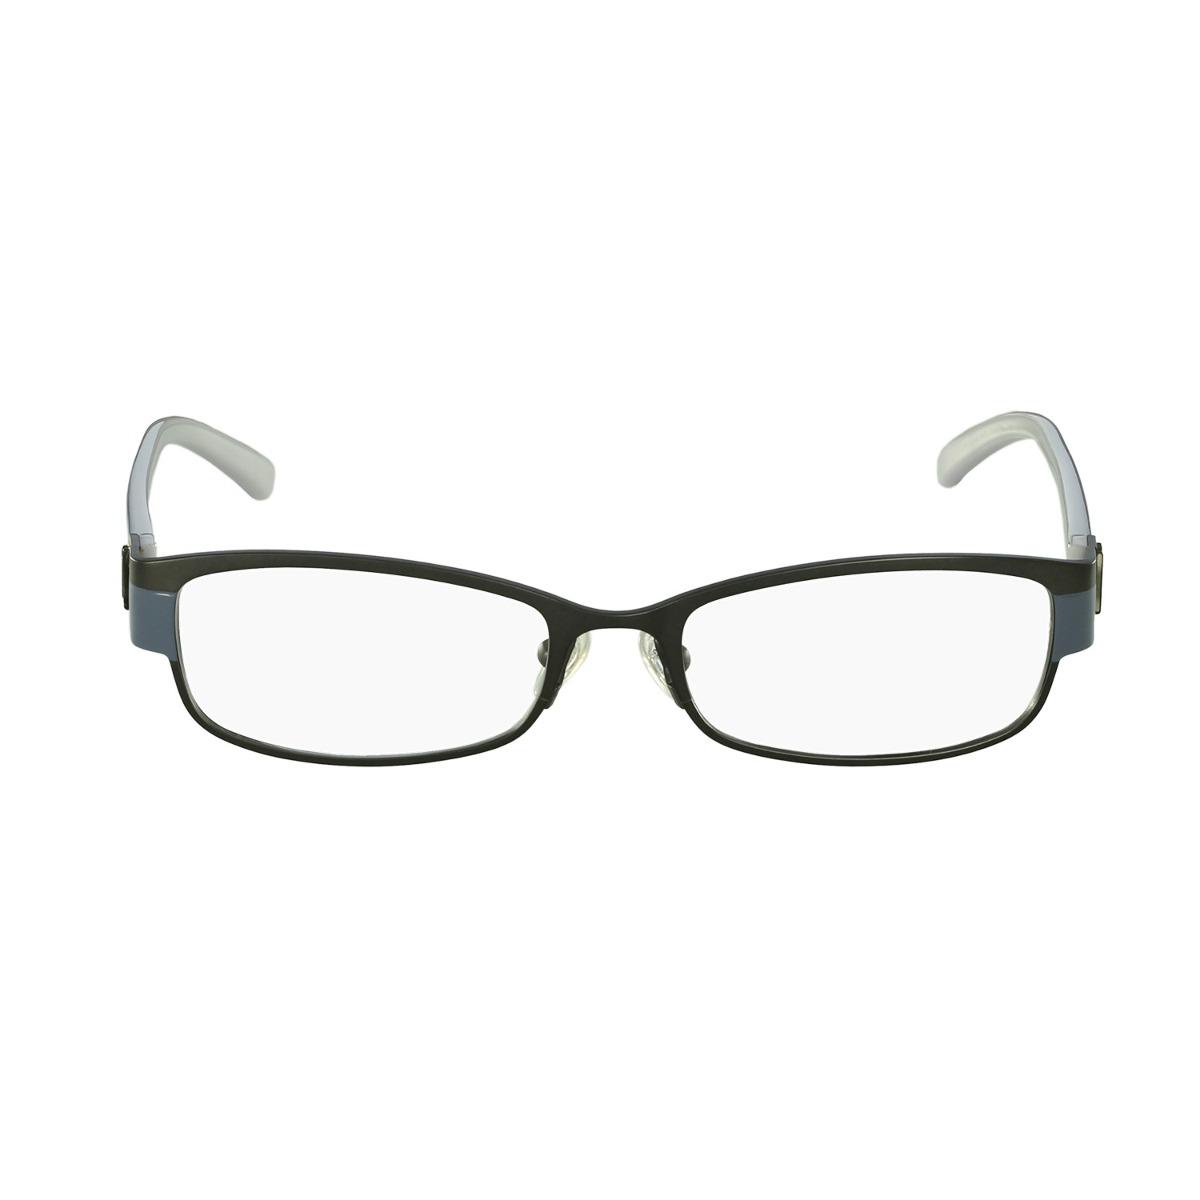 Óculos De Grau Marciano Guess Casual Cinza - R  279,90 em Mercado Livre 2f9cf9d791